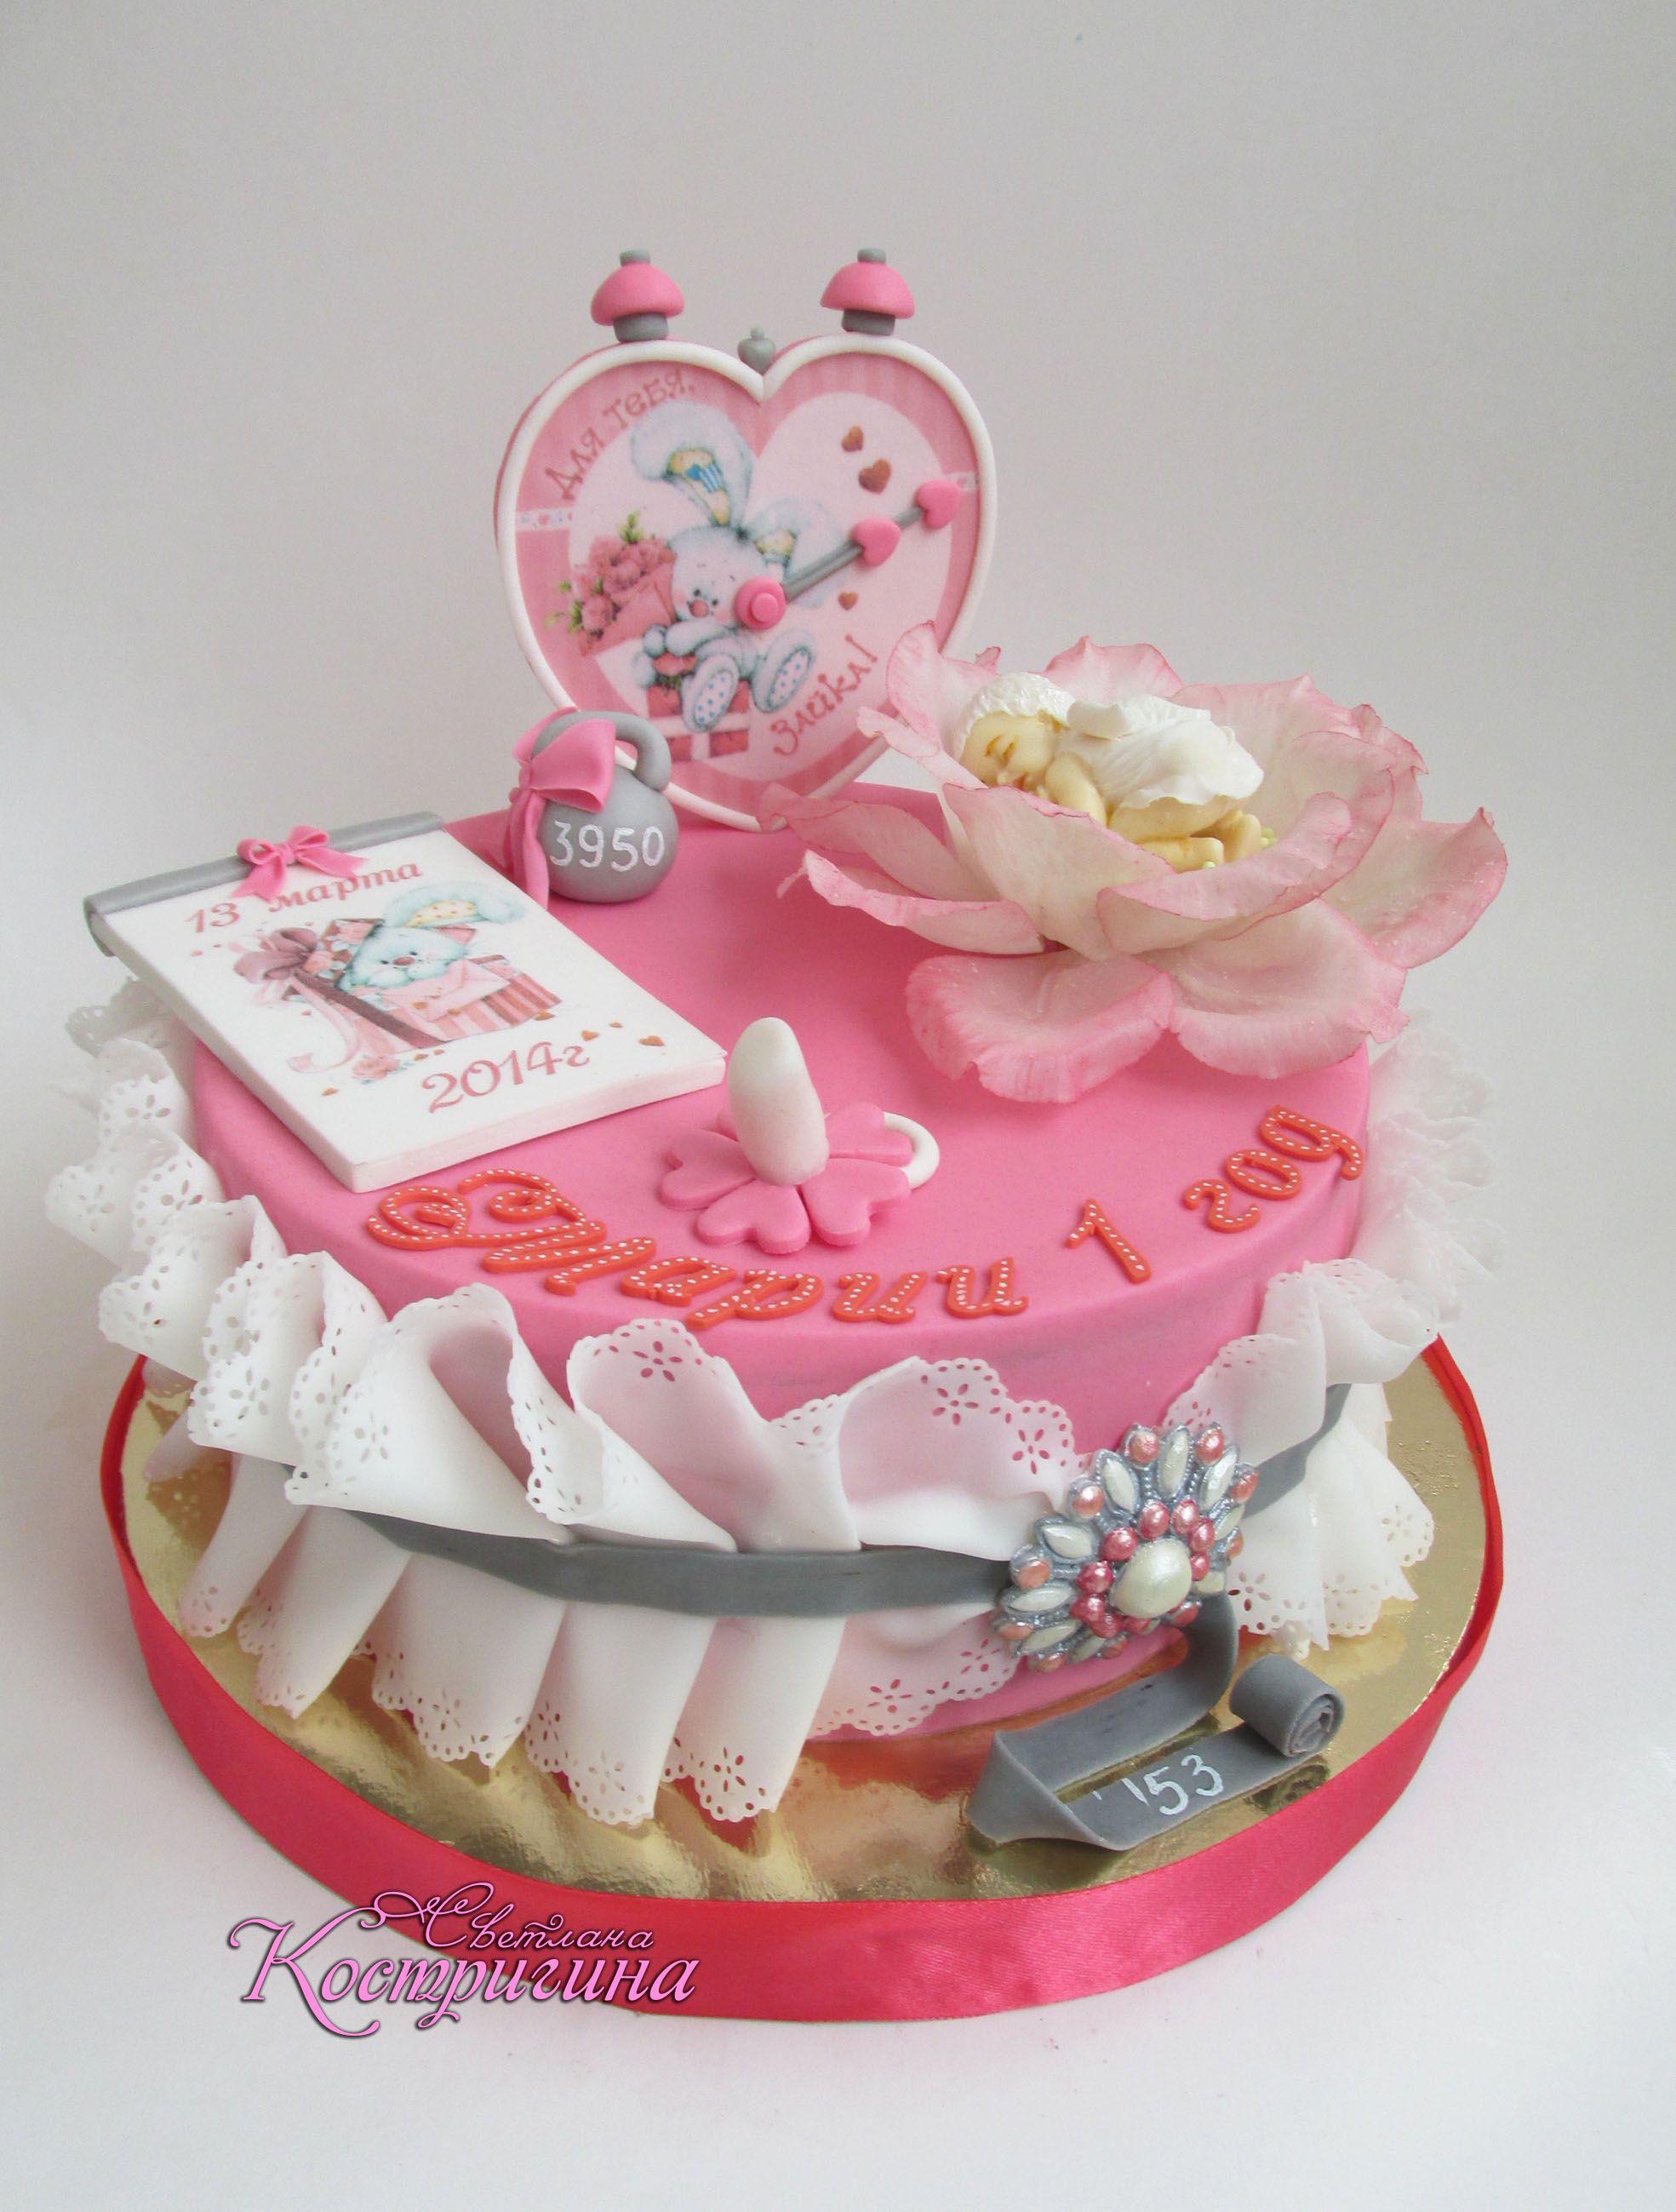 Lentillas, Tartas De Bebé, Tortas Pasteles De Baby Shower, Pasteles  Increíbles, Cumpleaños